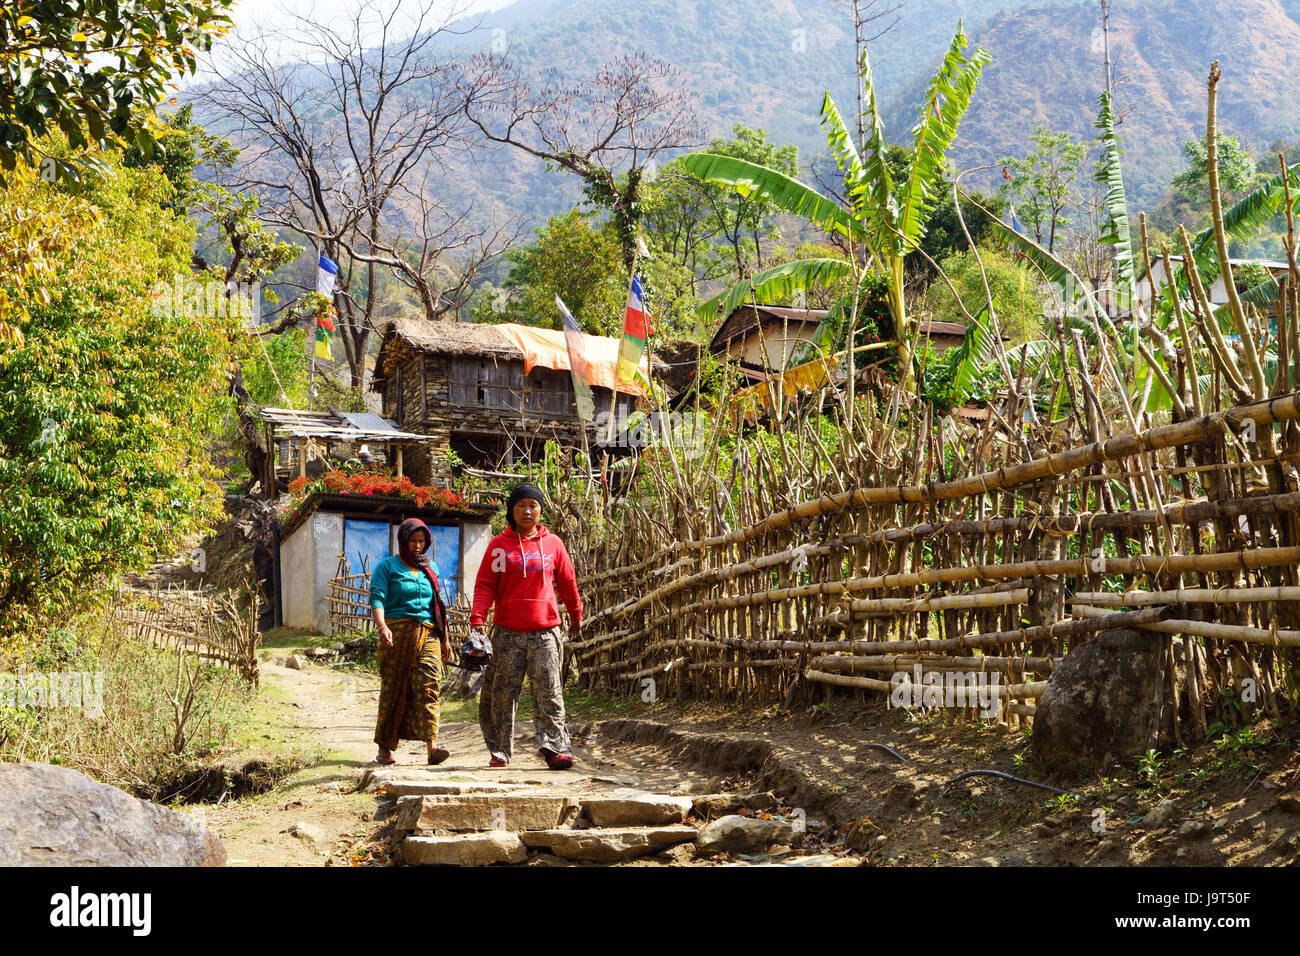 Einheimische Wandern auf den Spuren der Nähe bahundanda, Annapurna region, Nepal. Stockbild